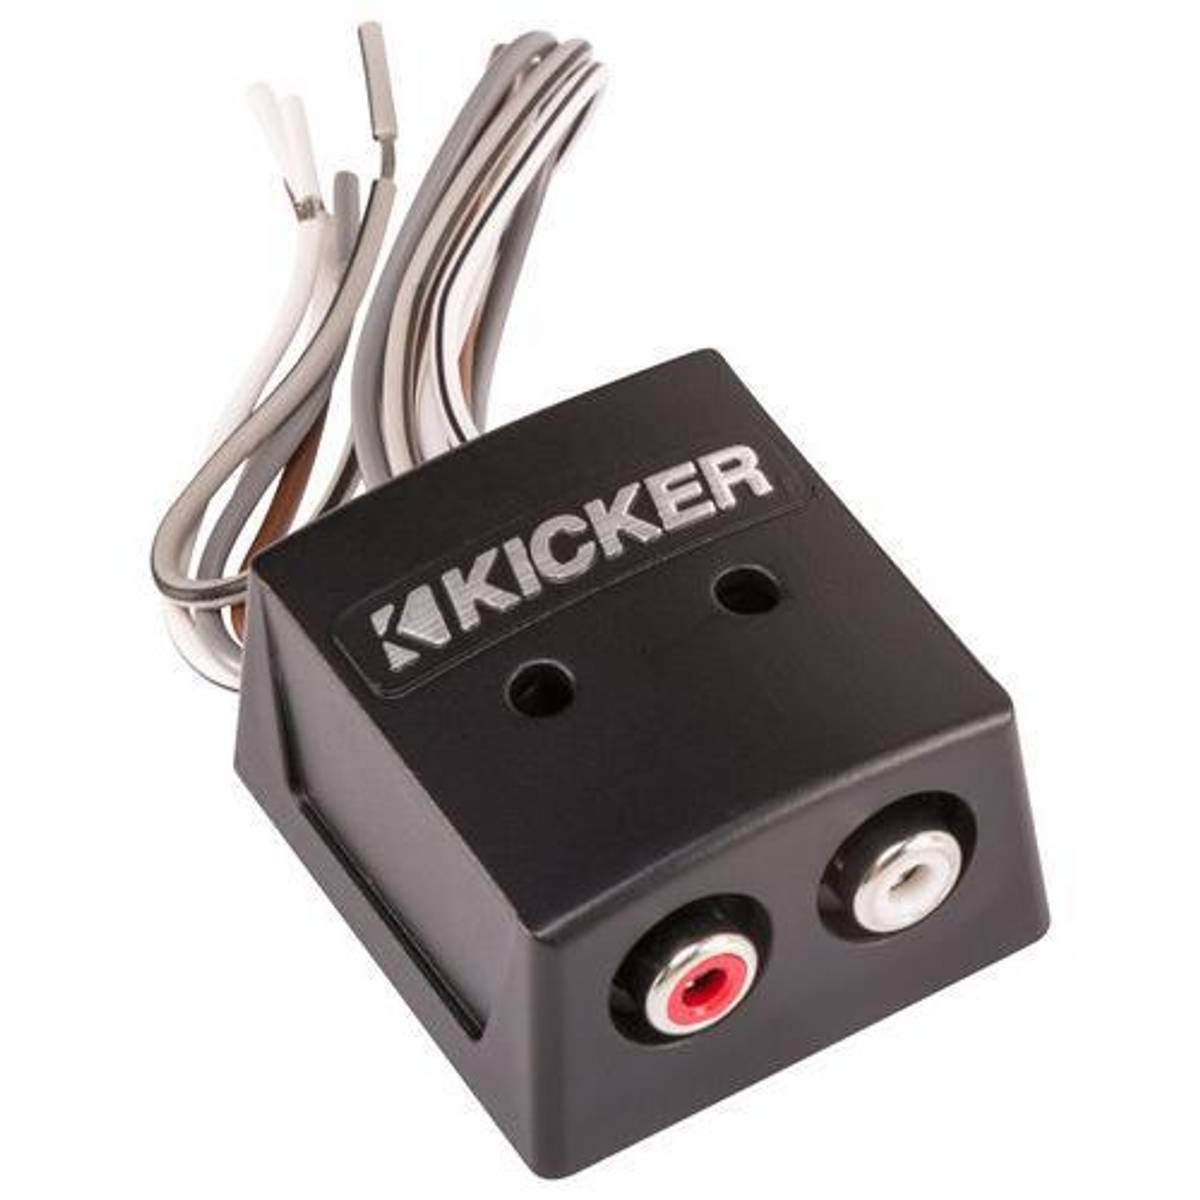 Kicker KISLOC - høy lavnivå adapter